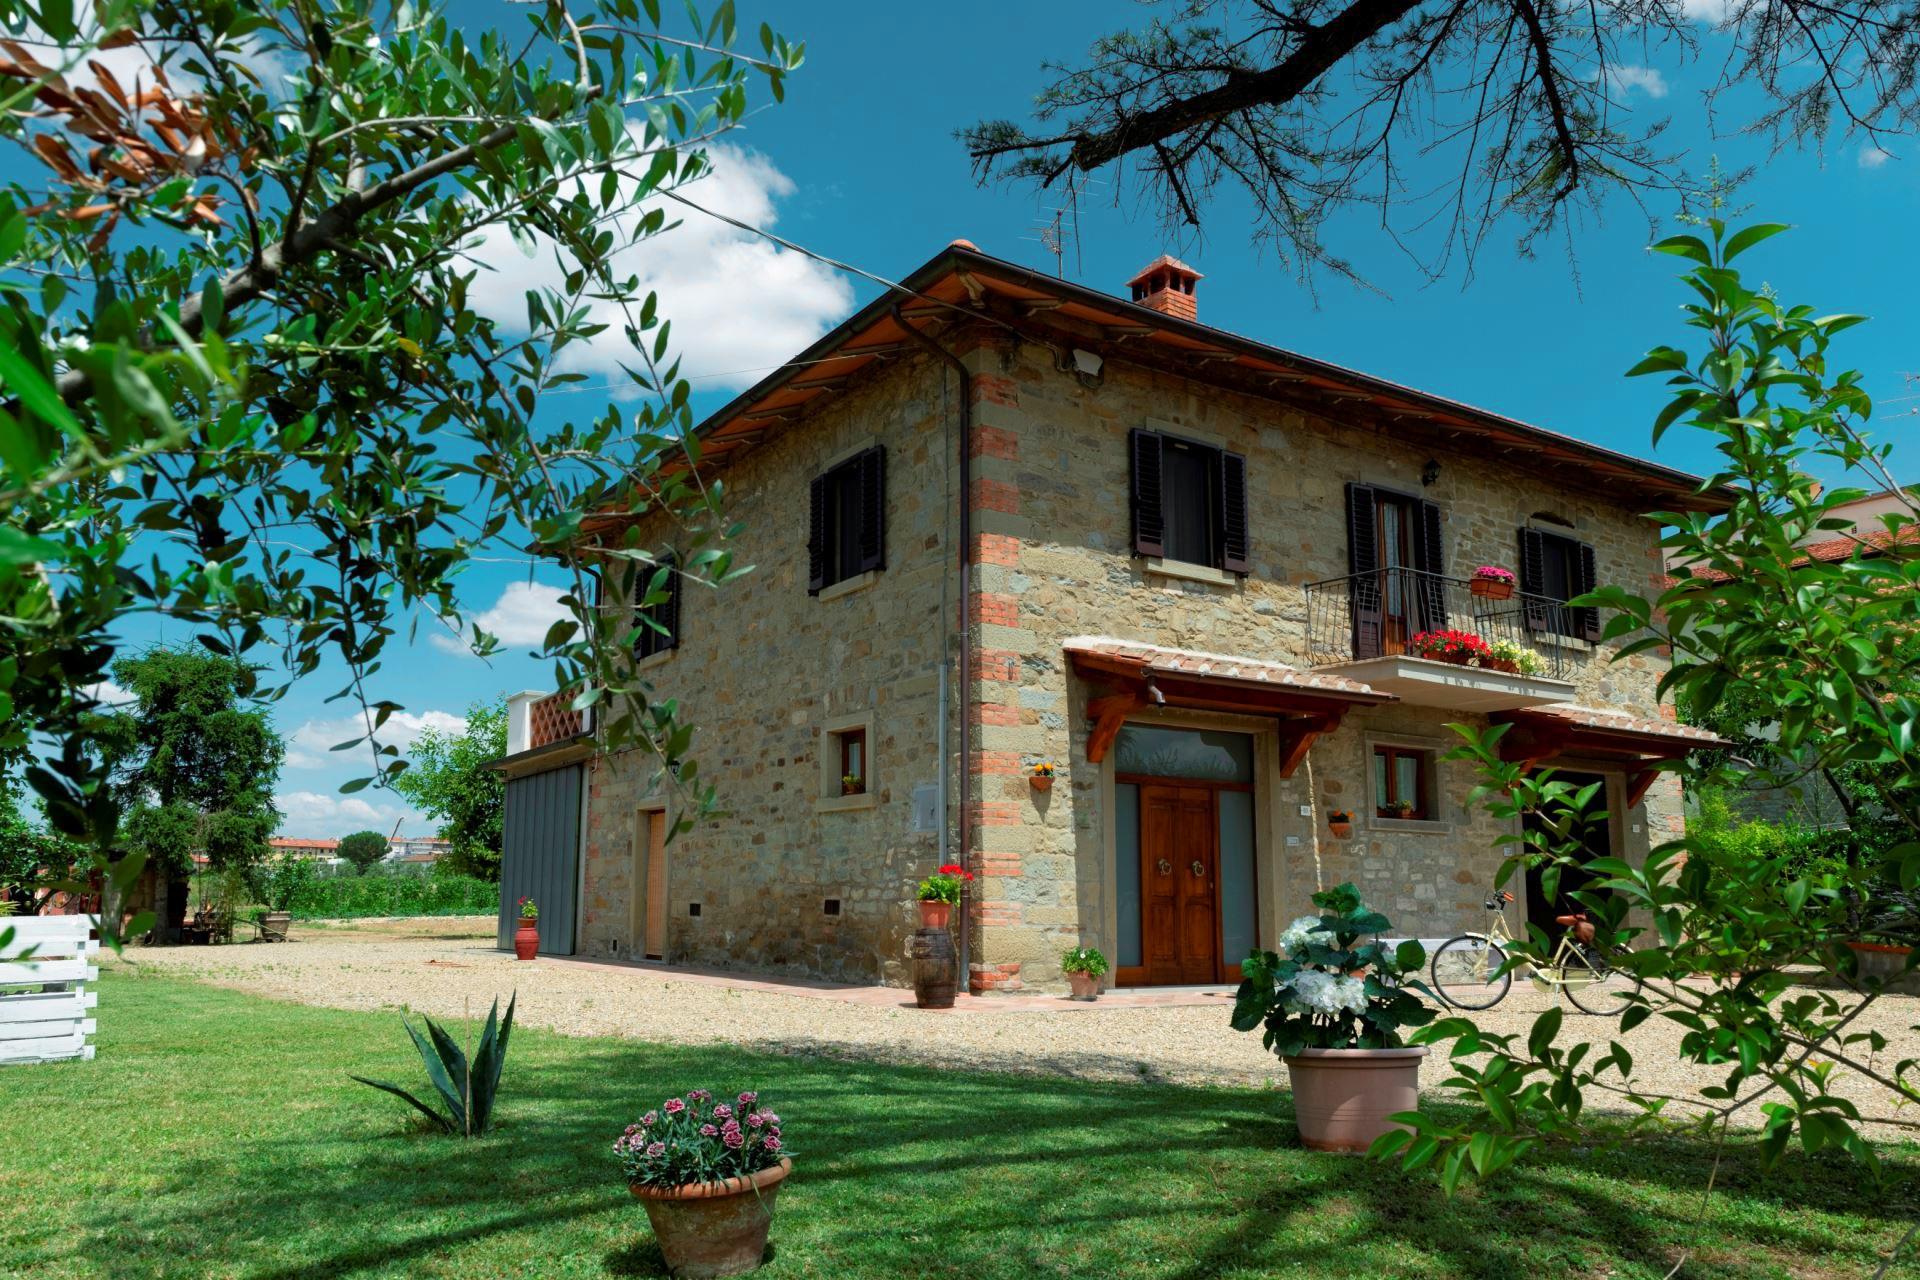 Vakantiehuis in Castiglion Fiorentino met zwembad, in Toscane.